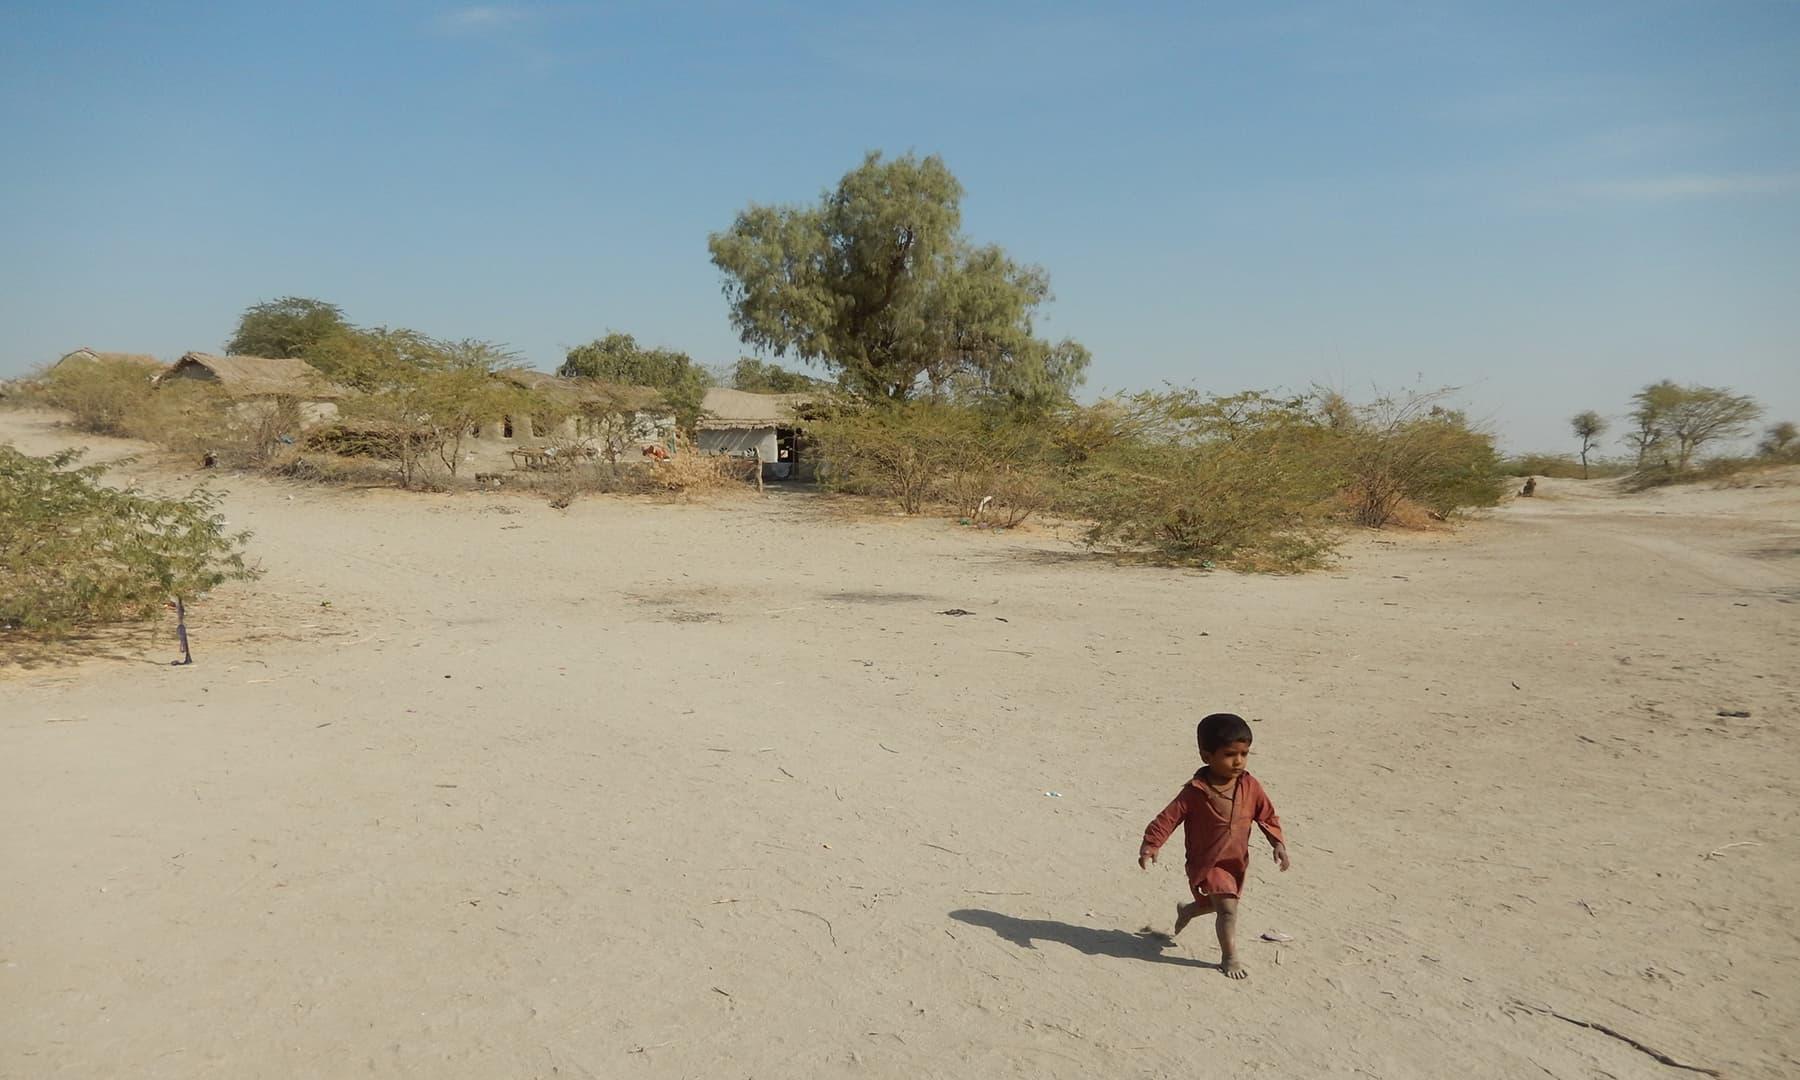 اچھڑو تھر جو 23 ہزار چورس کلومیٹر میں پھیلا ہوا ہے اس کی حدود عمرکوٹ سے شروع ہوکر سندھ کے گھوٹکی سے آگے پنجاب سے جا ملتی ہیں جہاں چولستان اس کو خوش آمدید کہتا ہے—تصویر ابوبکر شیخ